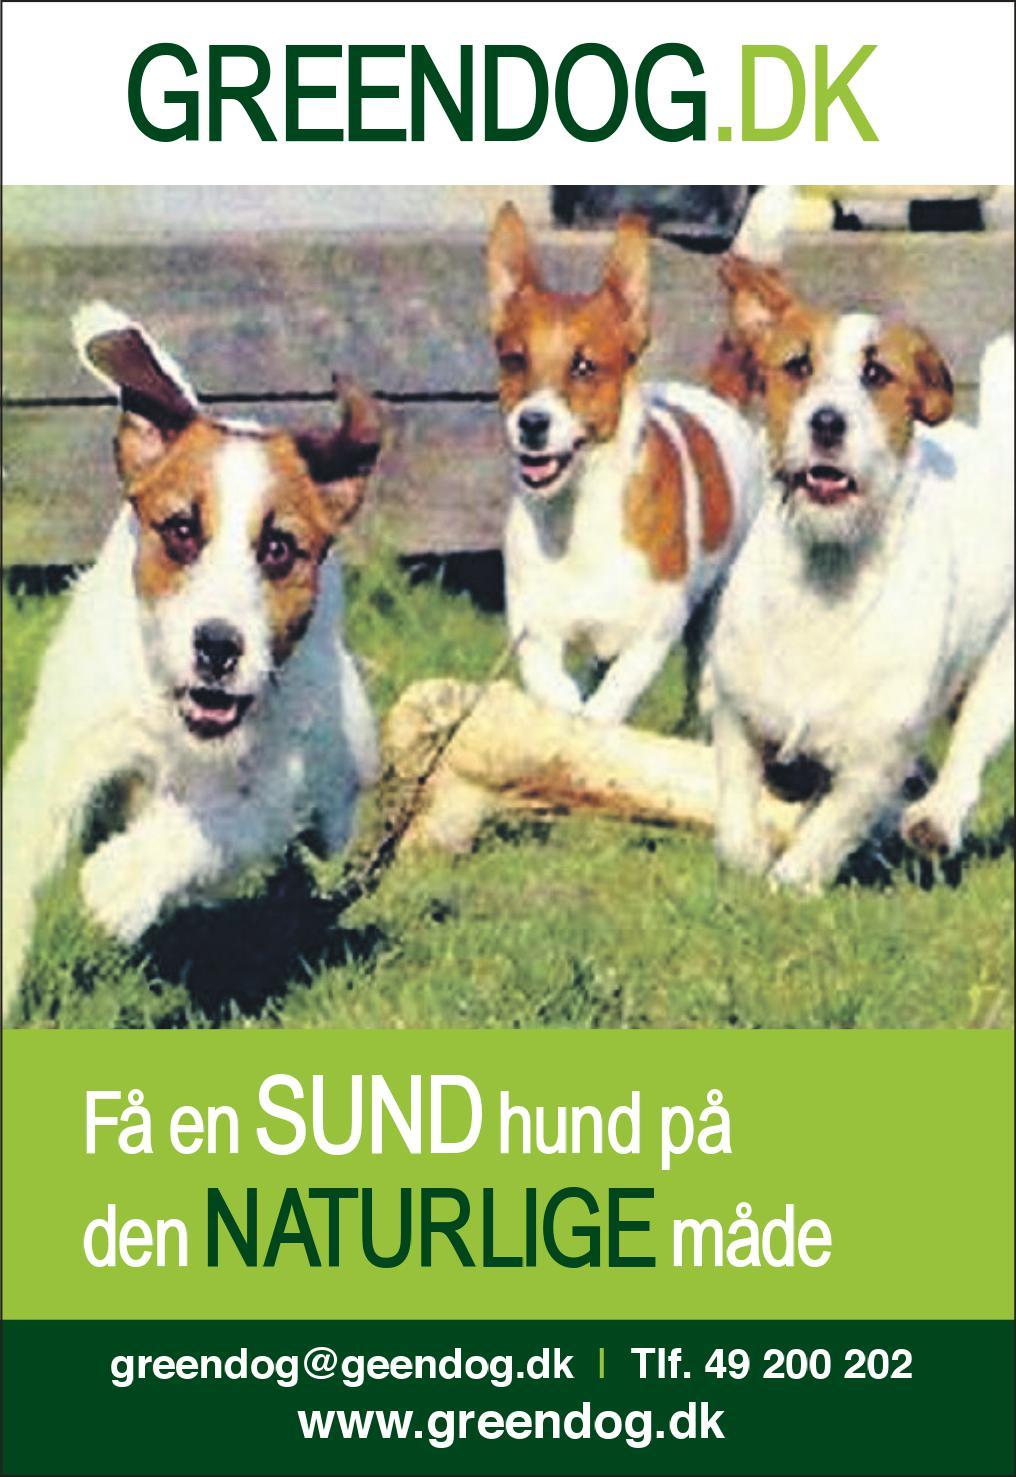 greendog.dk